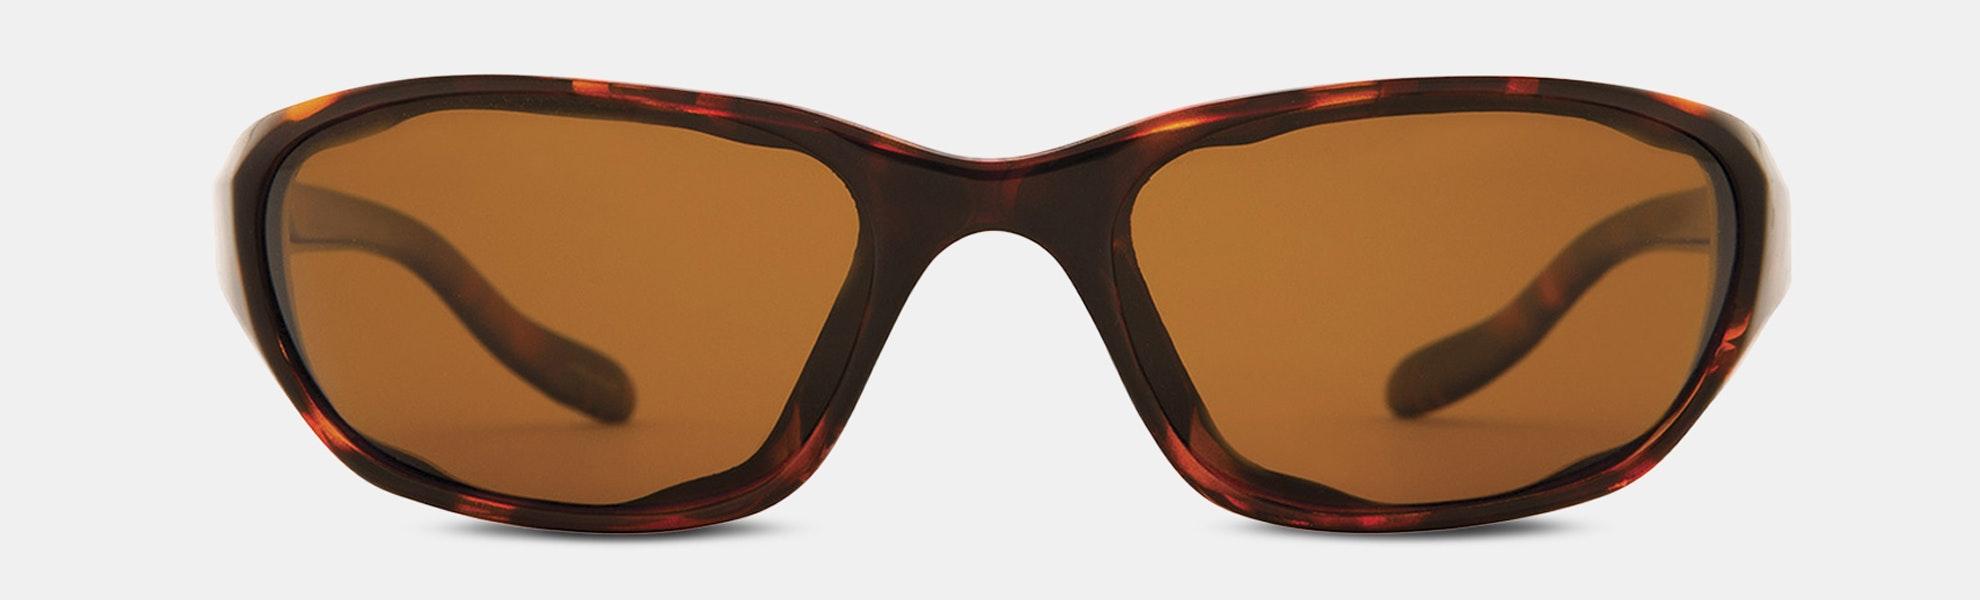 Native Eyewear Throttle Polarized Sunglasses